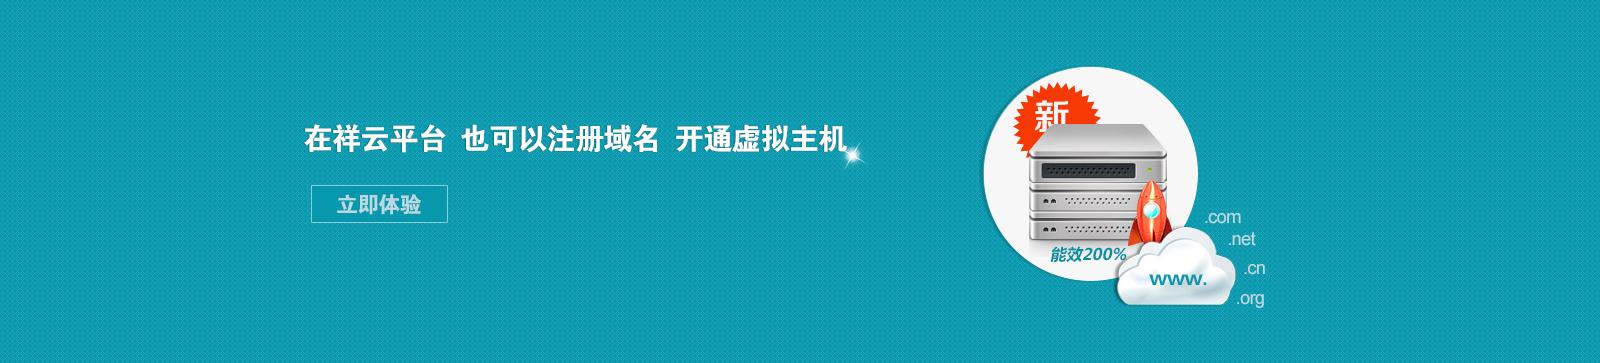 淮安一站式网站建设